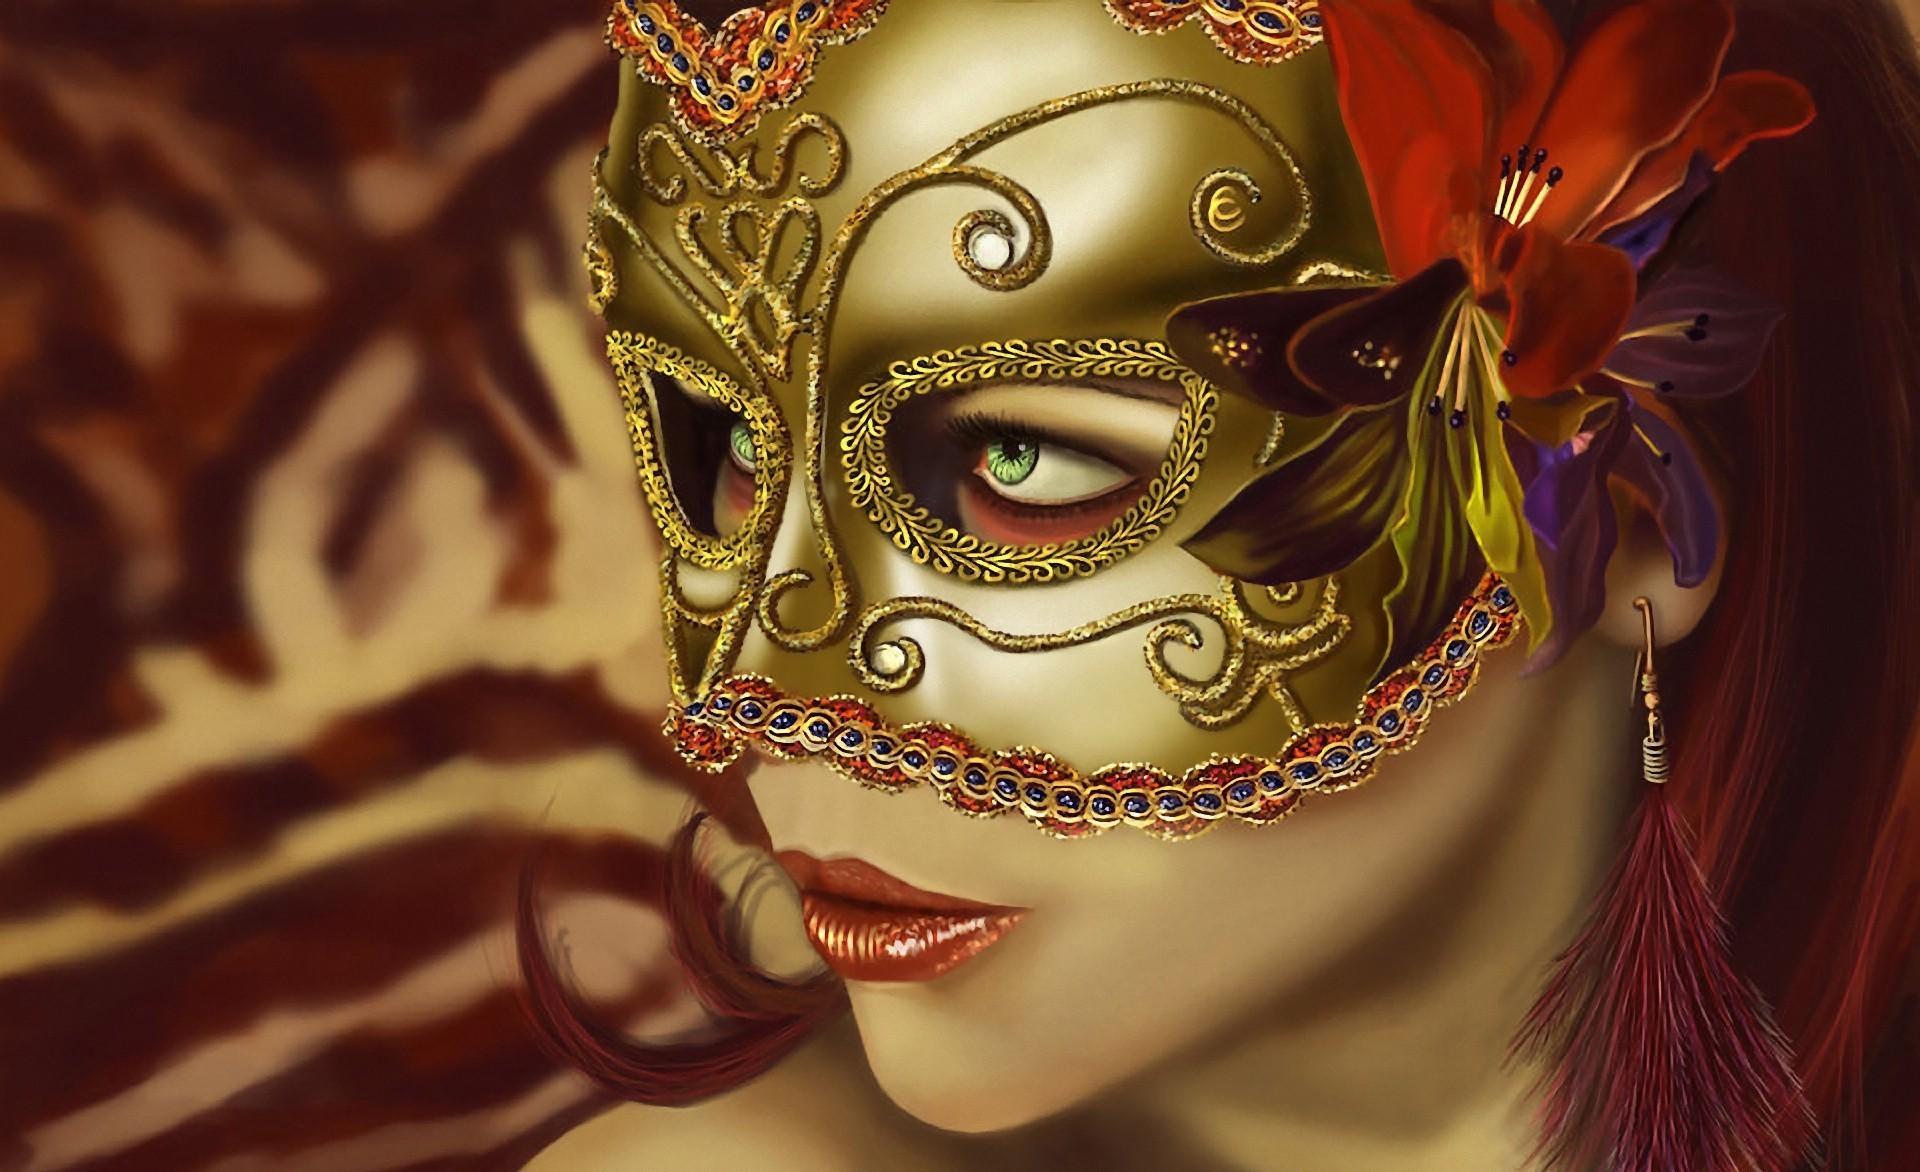 очевидный, венецианская маска фотосессия всего такой